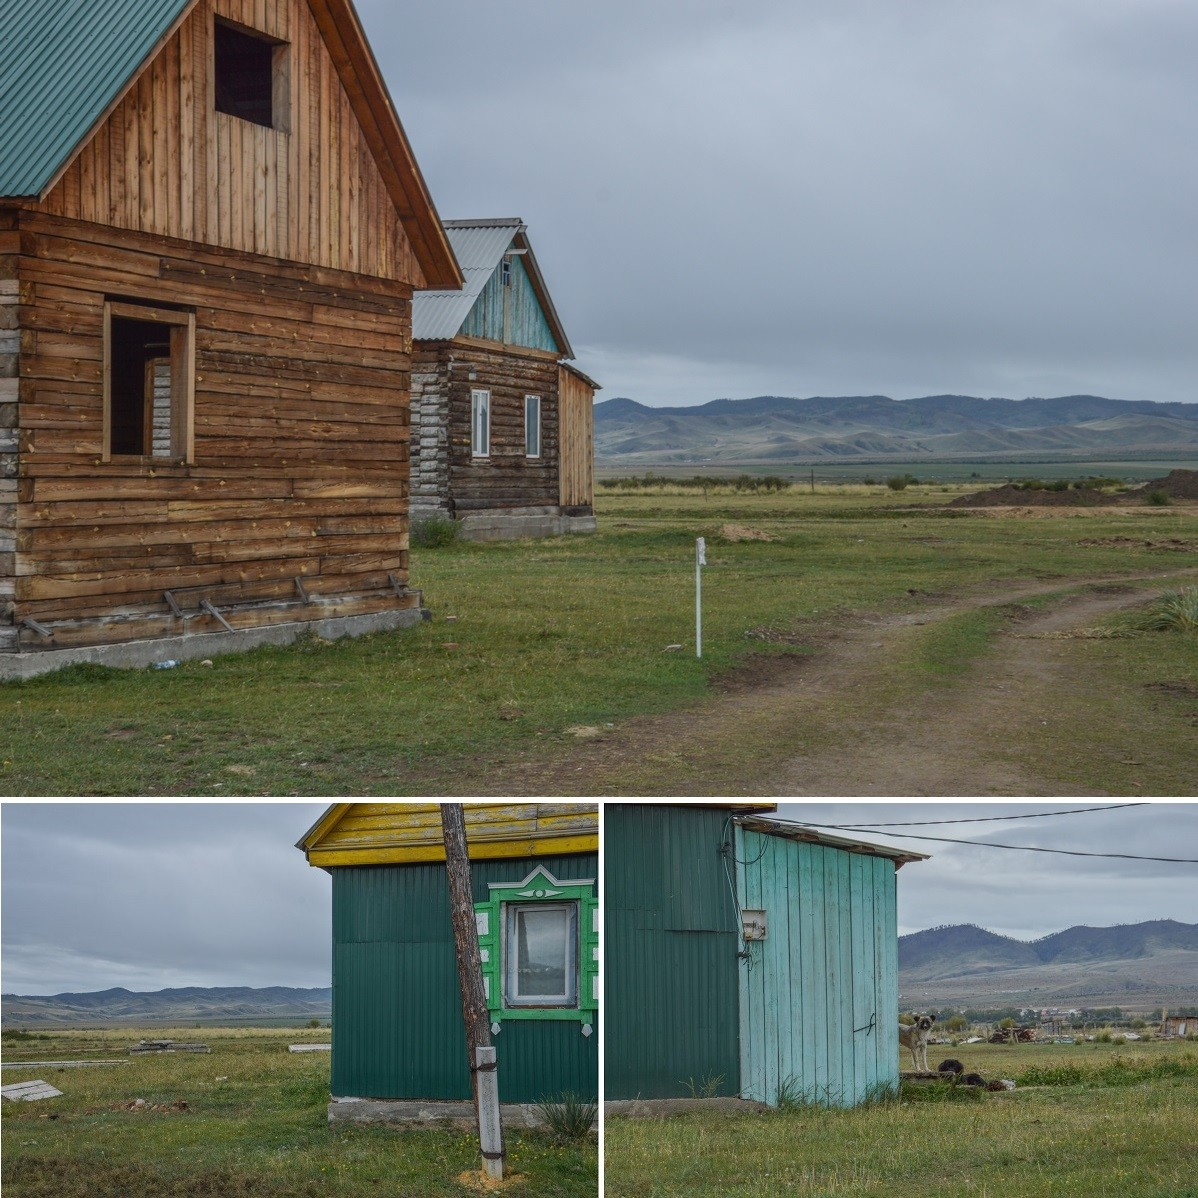 À travers la vitre du minibus, la Bouriatie se dévoile, tant au rythme de maisonnettes en bois, communes à l'ensemble du pays, que, au loin, de ces montagnes chauves balayées par les vents, si caractéristiques du Sud de la Sibérie, et qu'autrefois parcouraient certainement de nomades cavaliers.